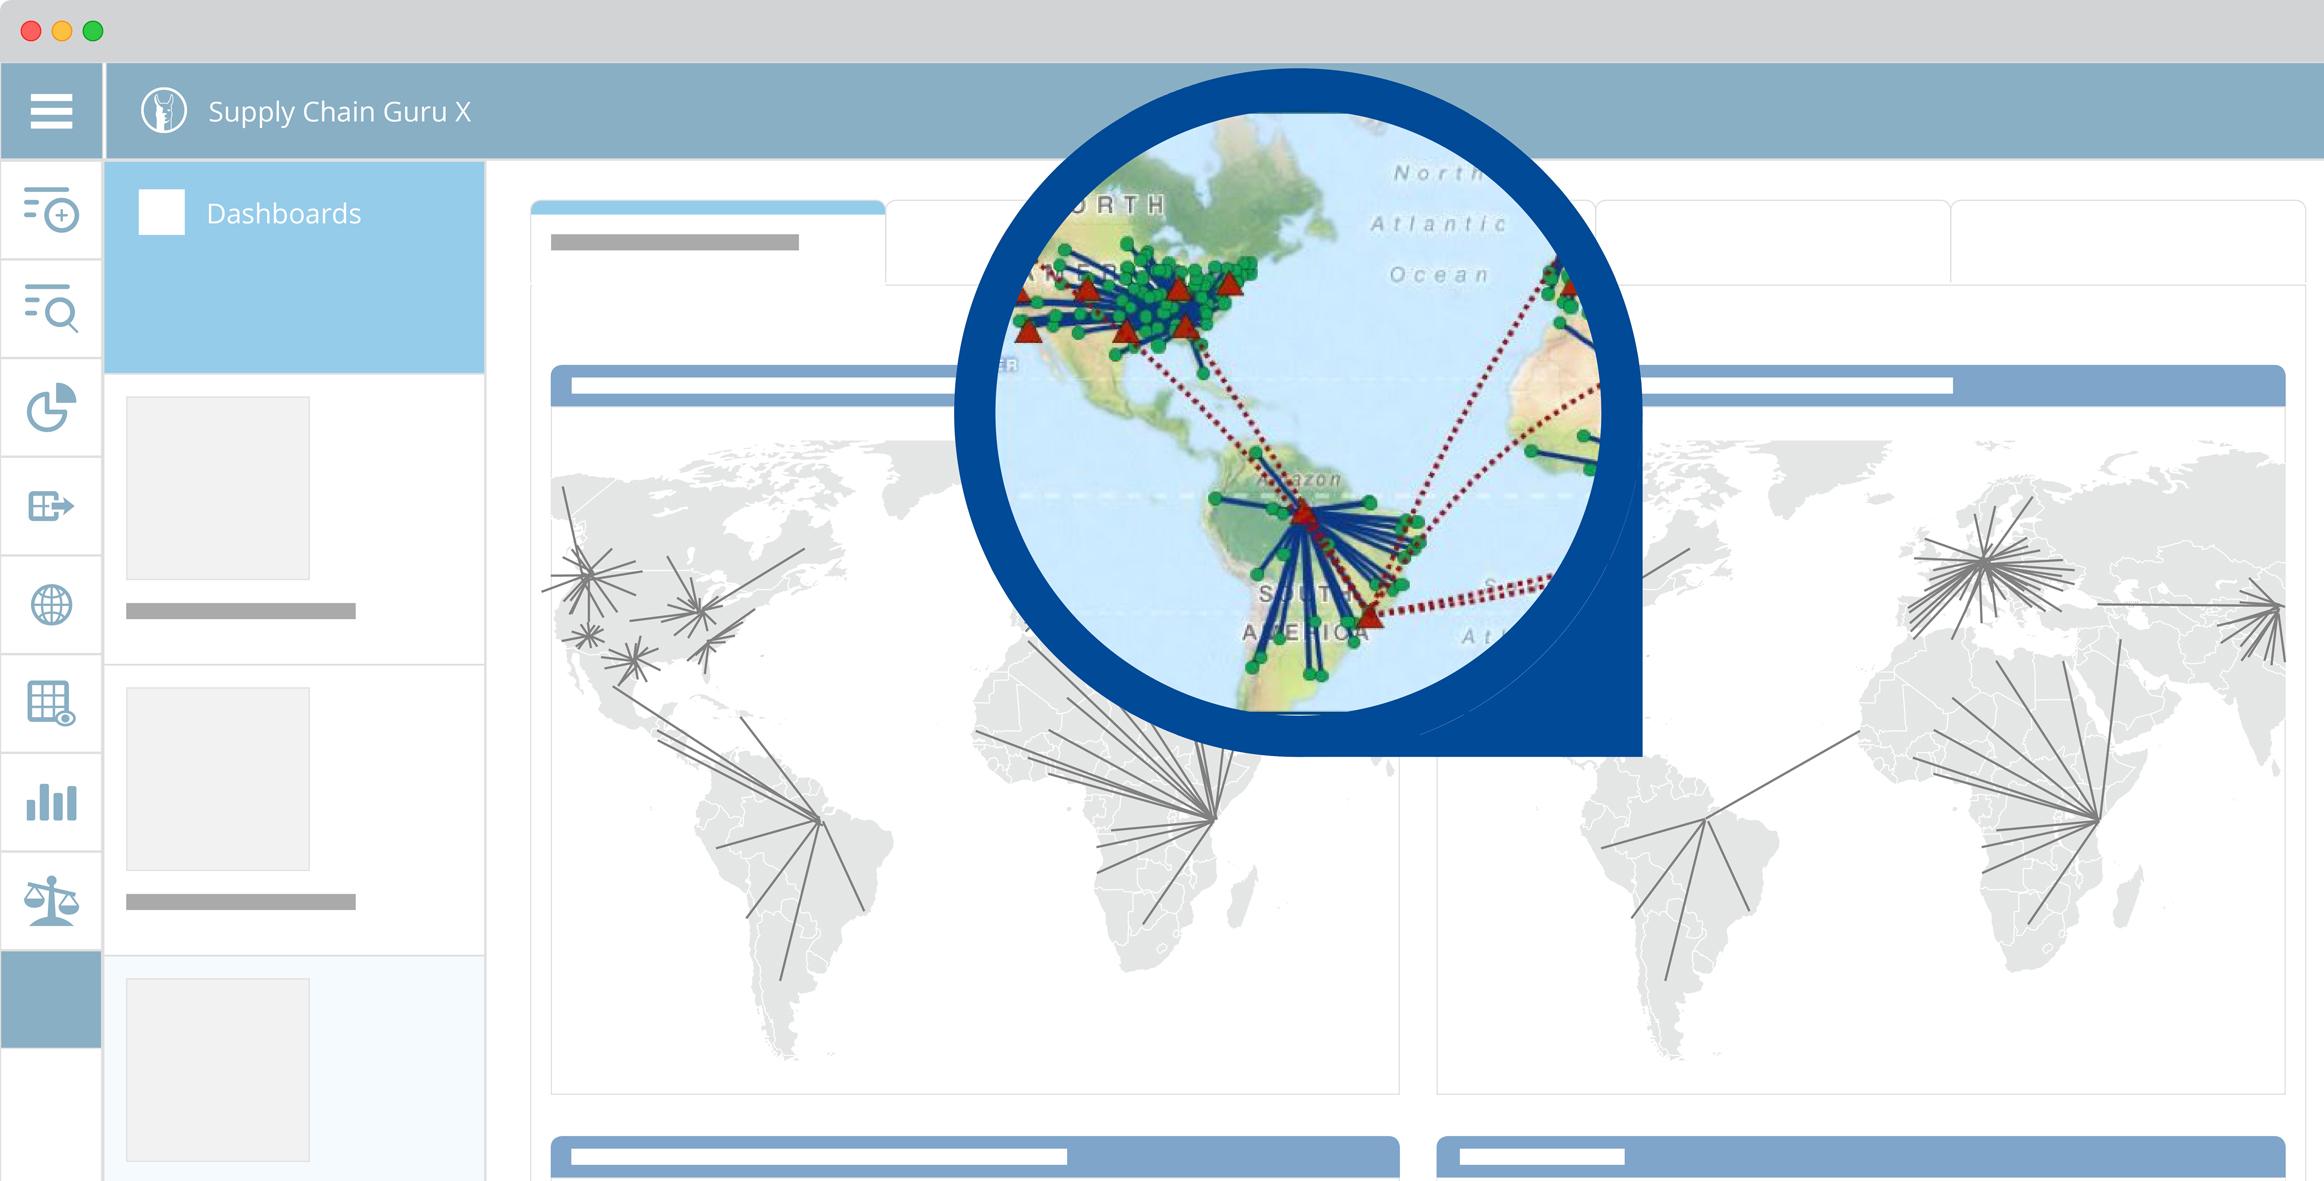 Eine graphische Benutzeroberfläche hilft, komplexe, globale Lieferketten übersichtlich darzustellen. (Bild: LLamasoft Deutschland GmbH)